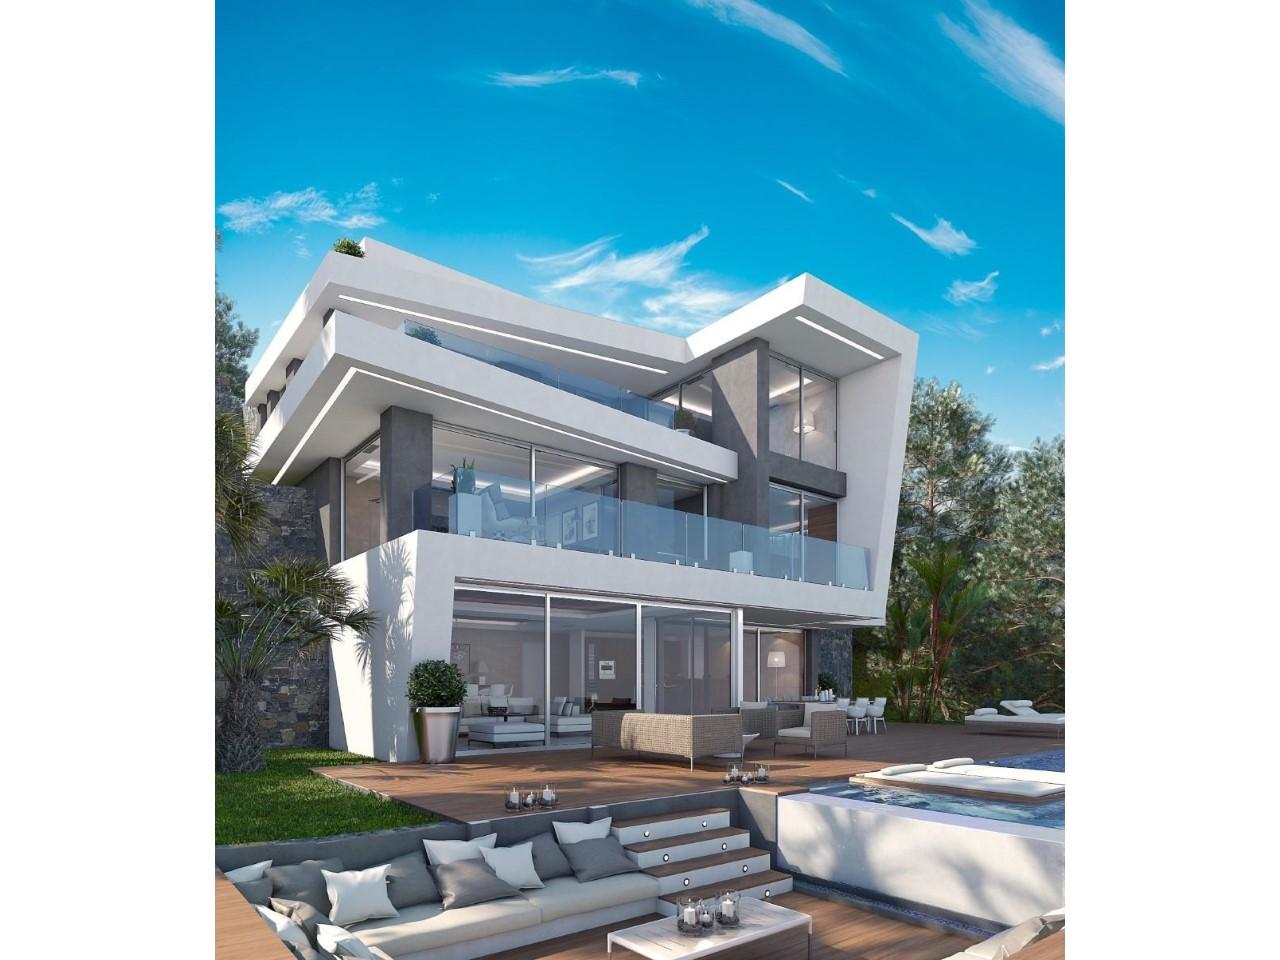 Villa fantastique de style moderne située à Javea